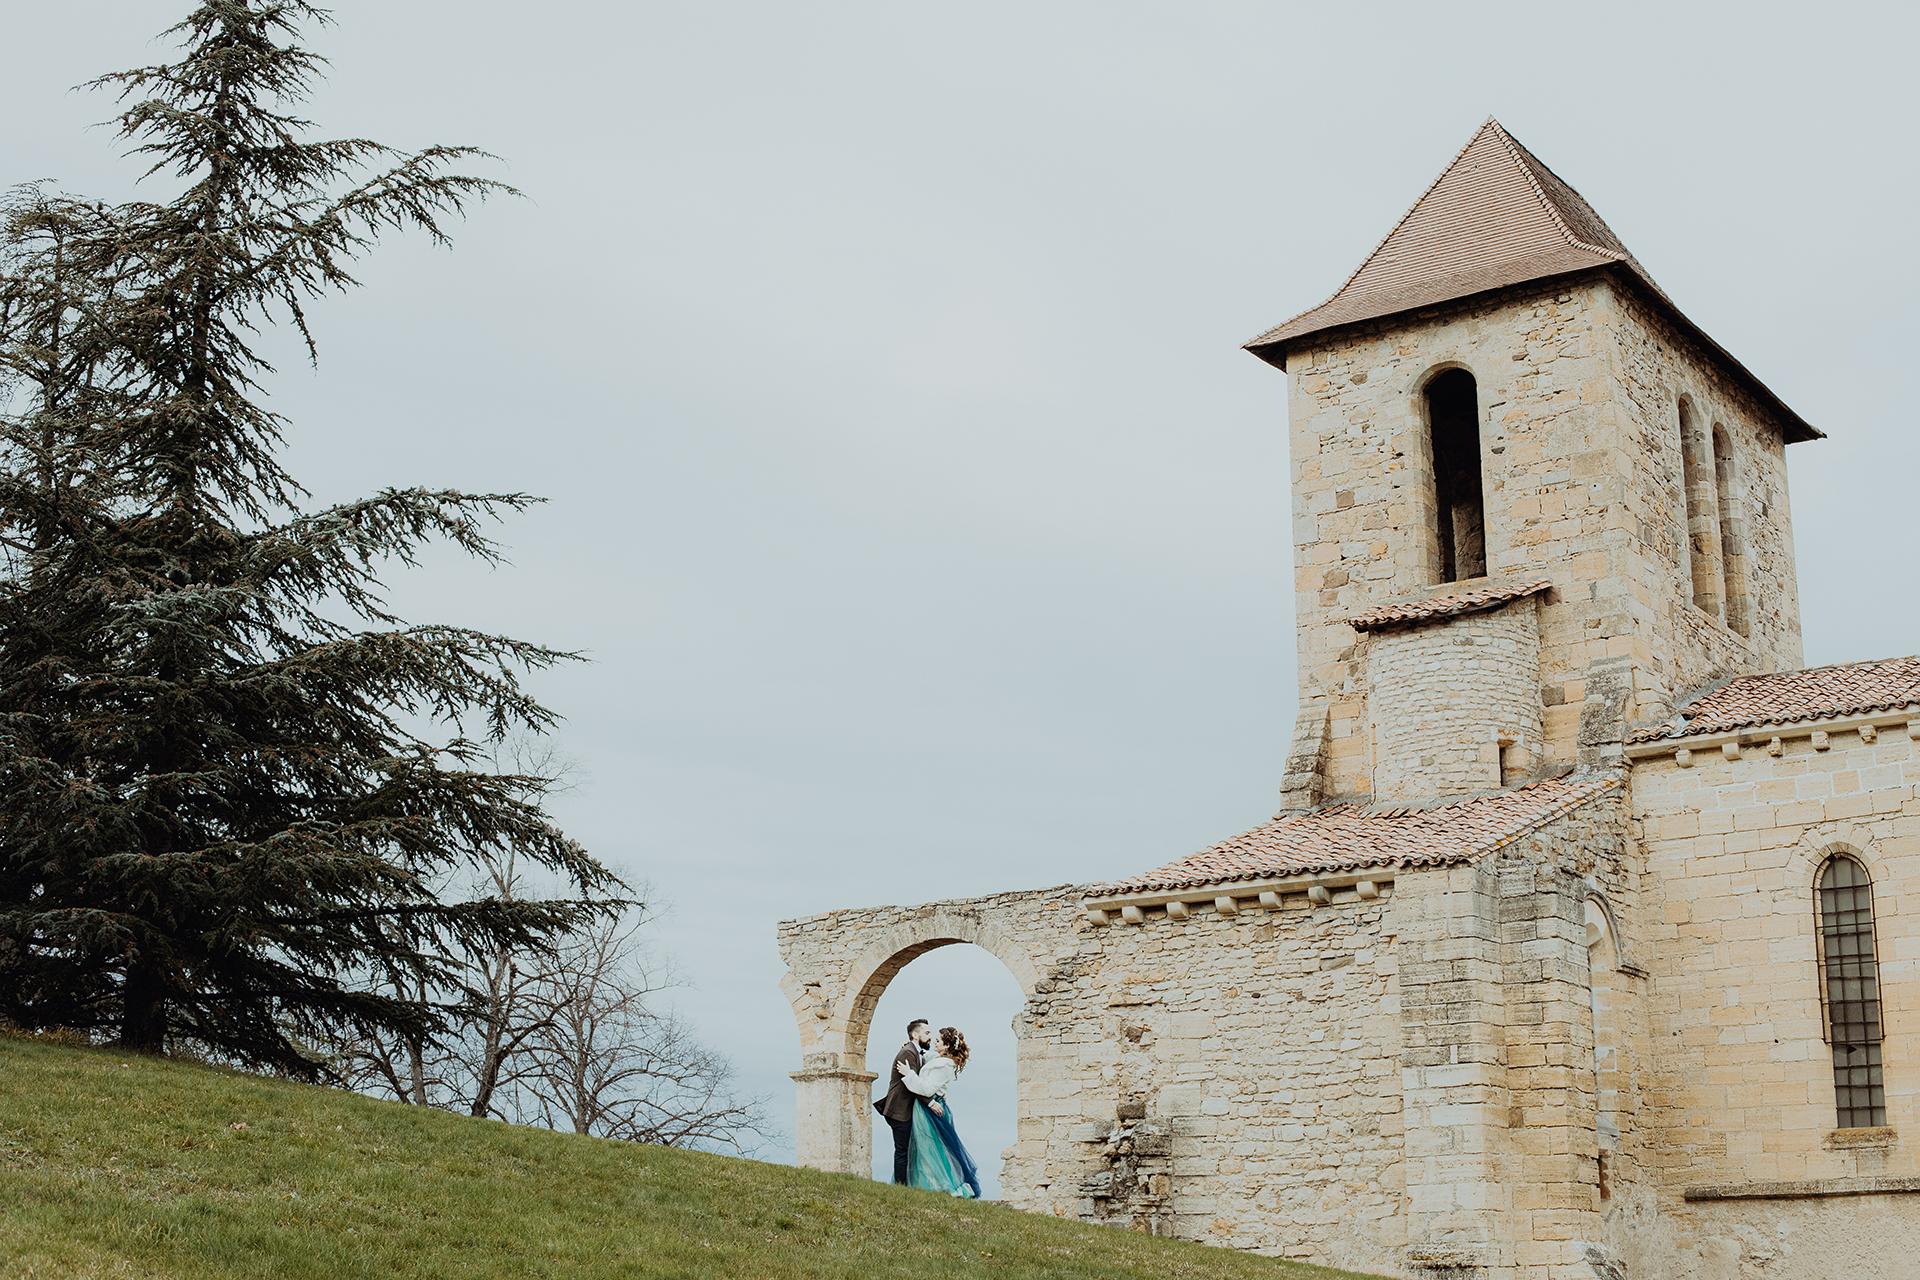 Abandoned Church Puy de Dôme, France Wedding Portraits | The couple poses for a romantic portrait